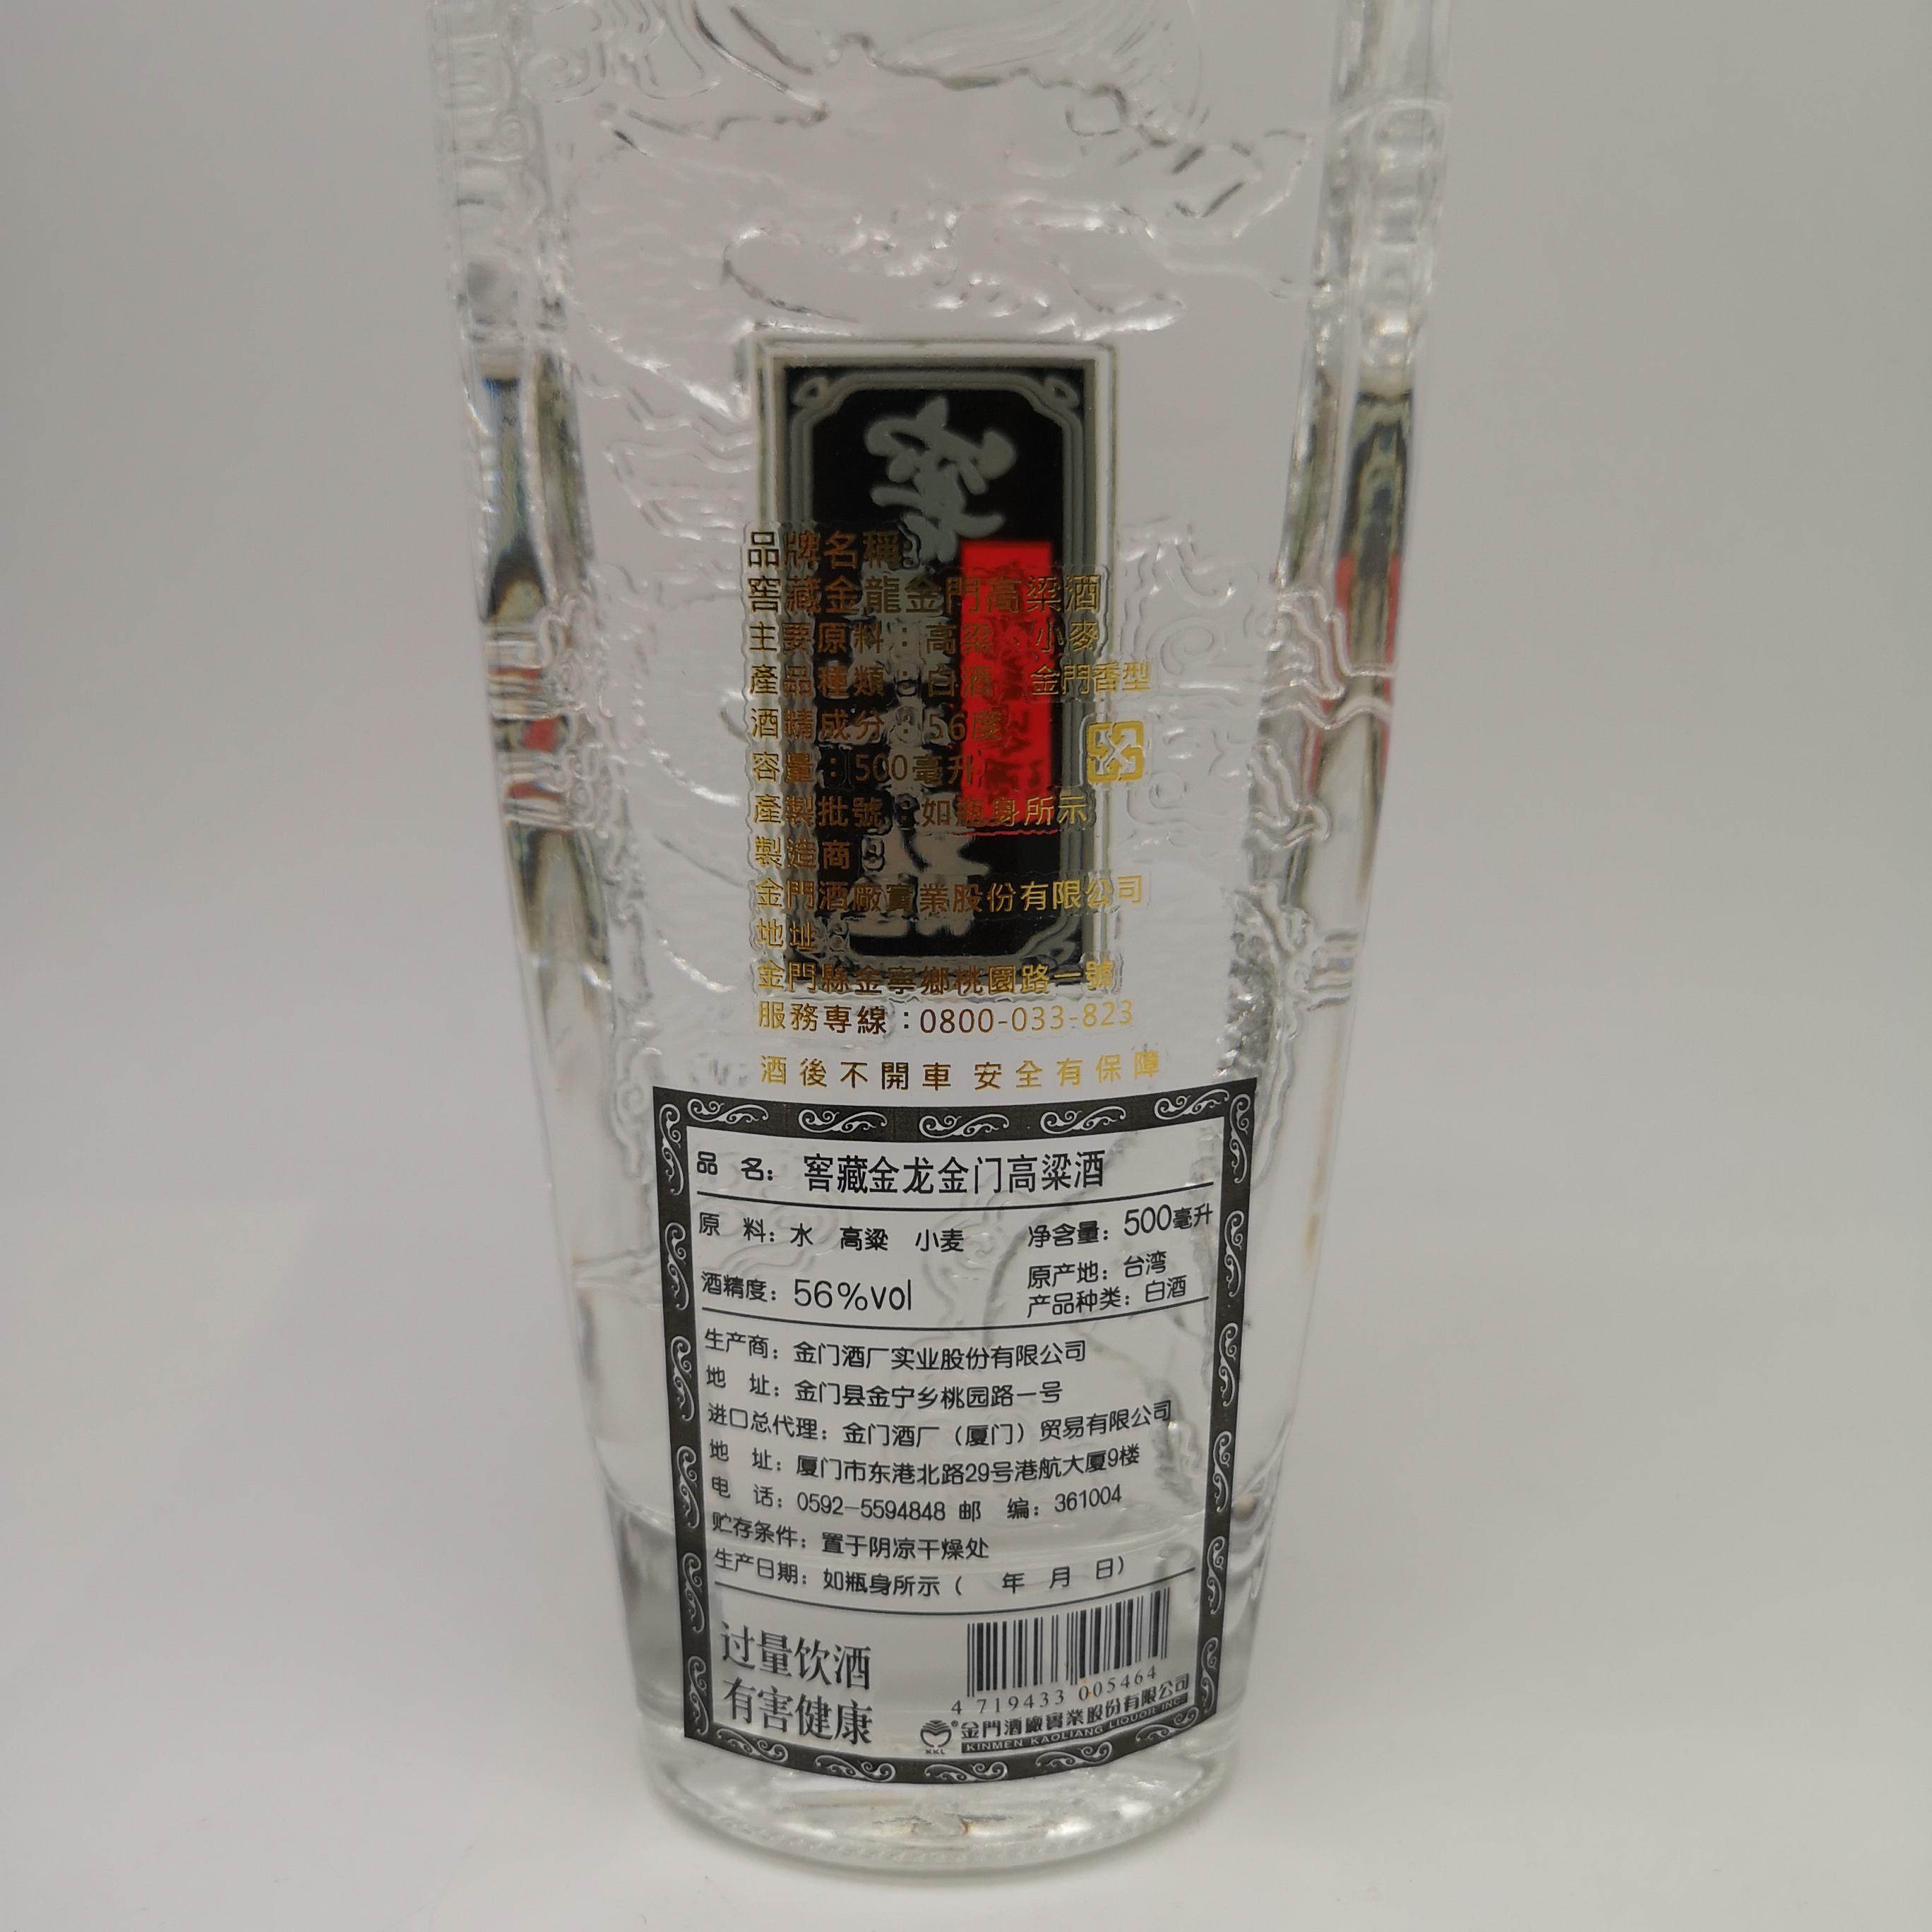 廈門市金門高粱酒 56度窖藏金龍 臺灣白酒禮盒裝500ml